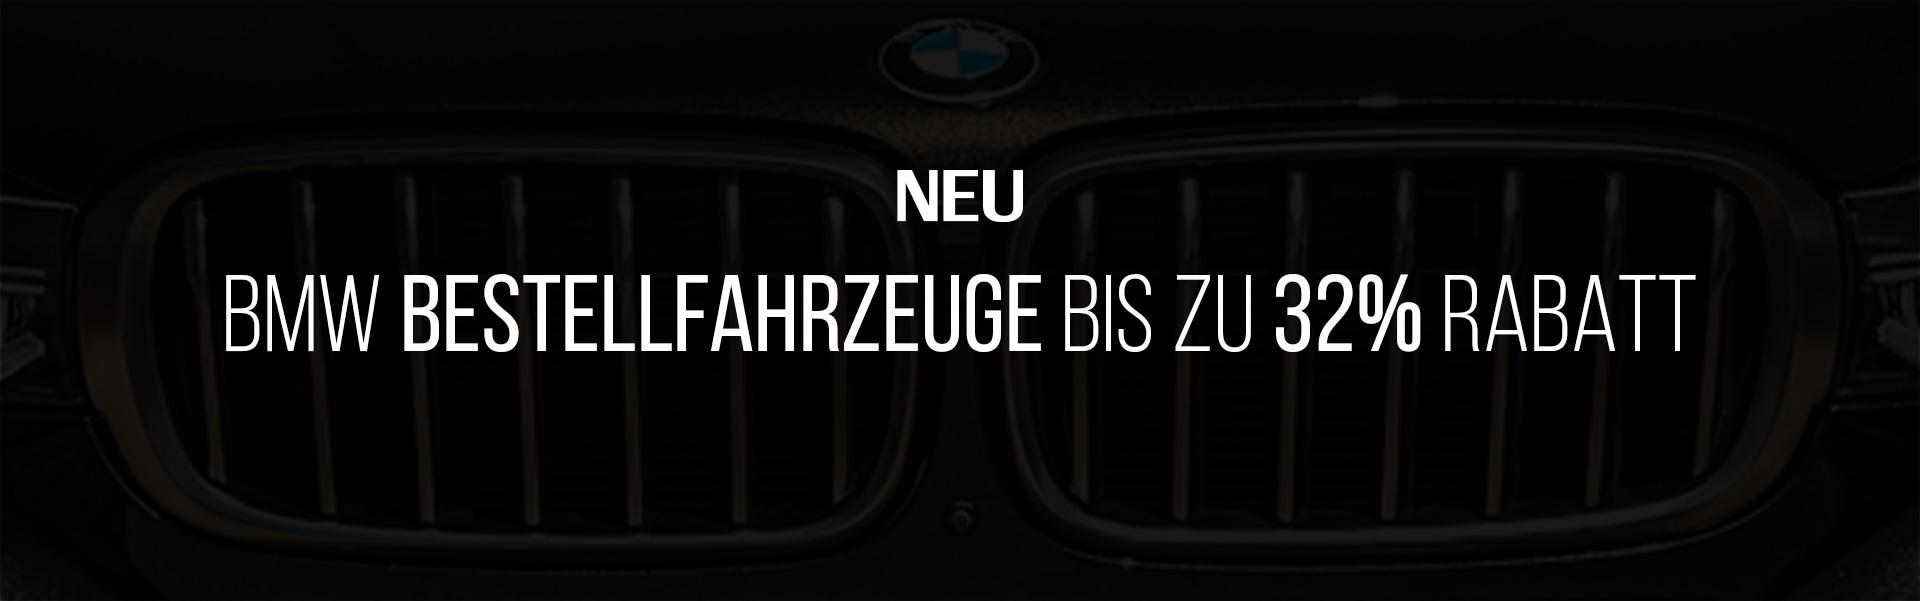 Slider-BMW